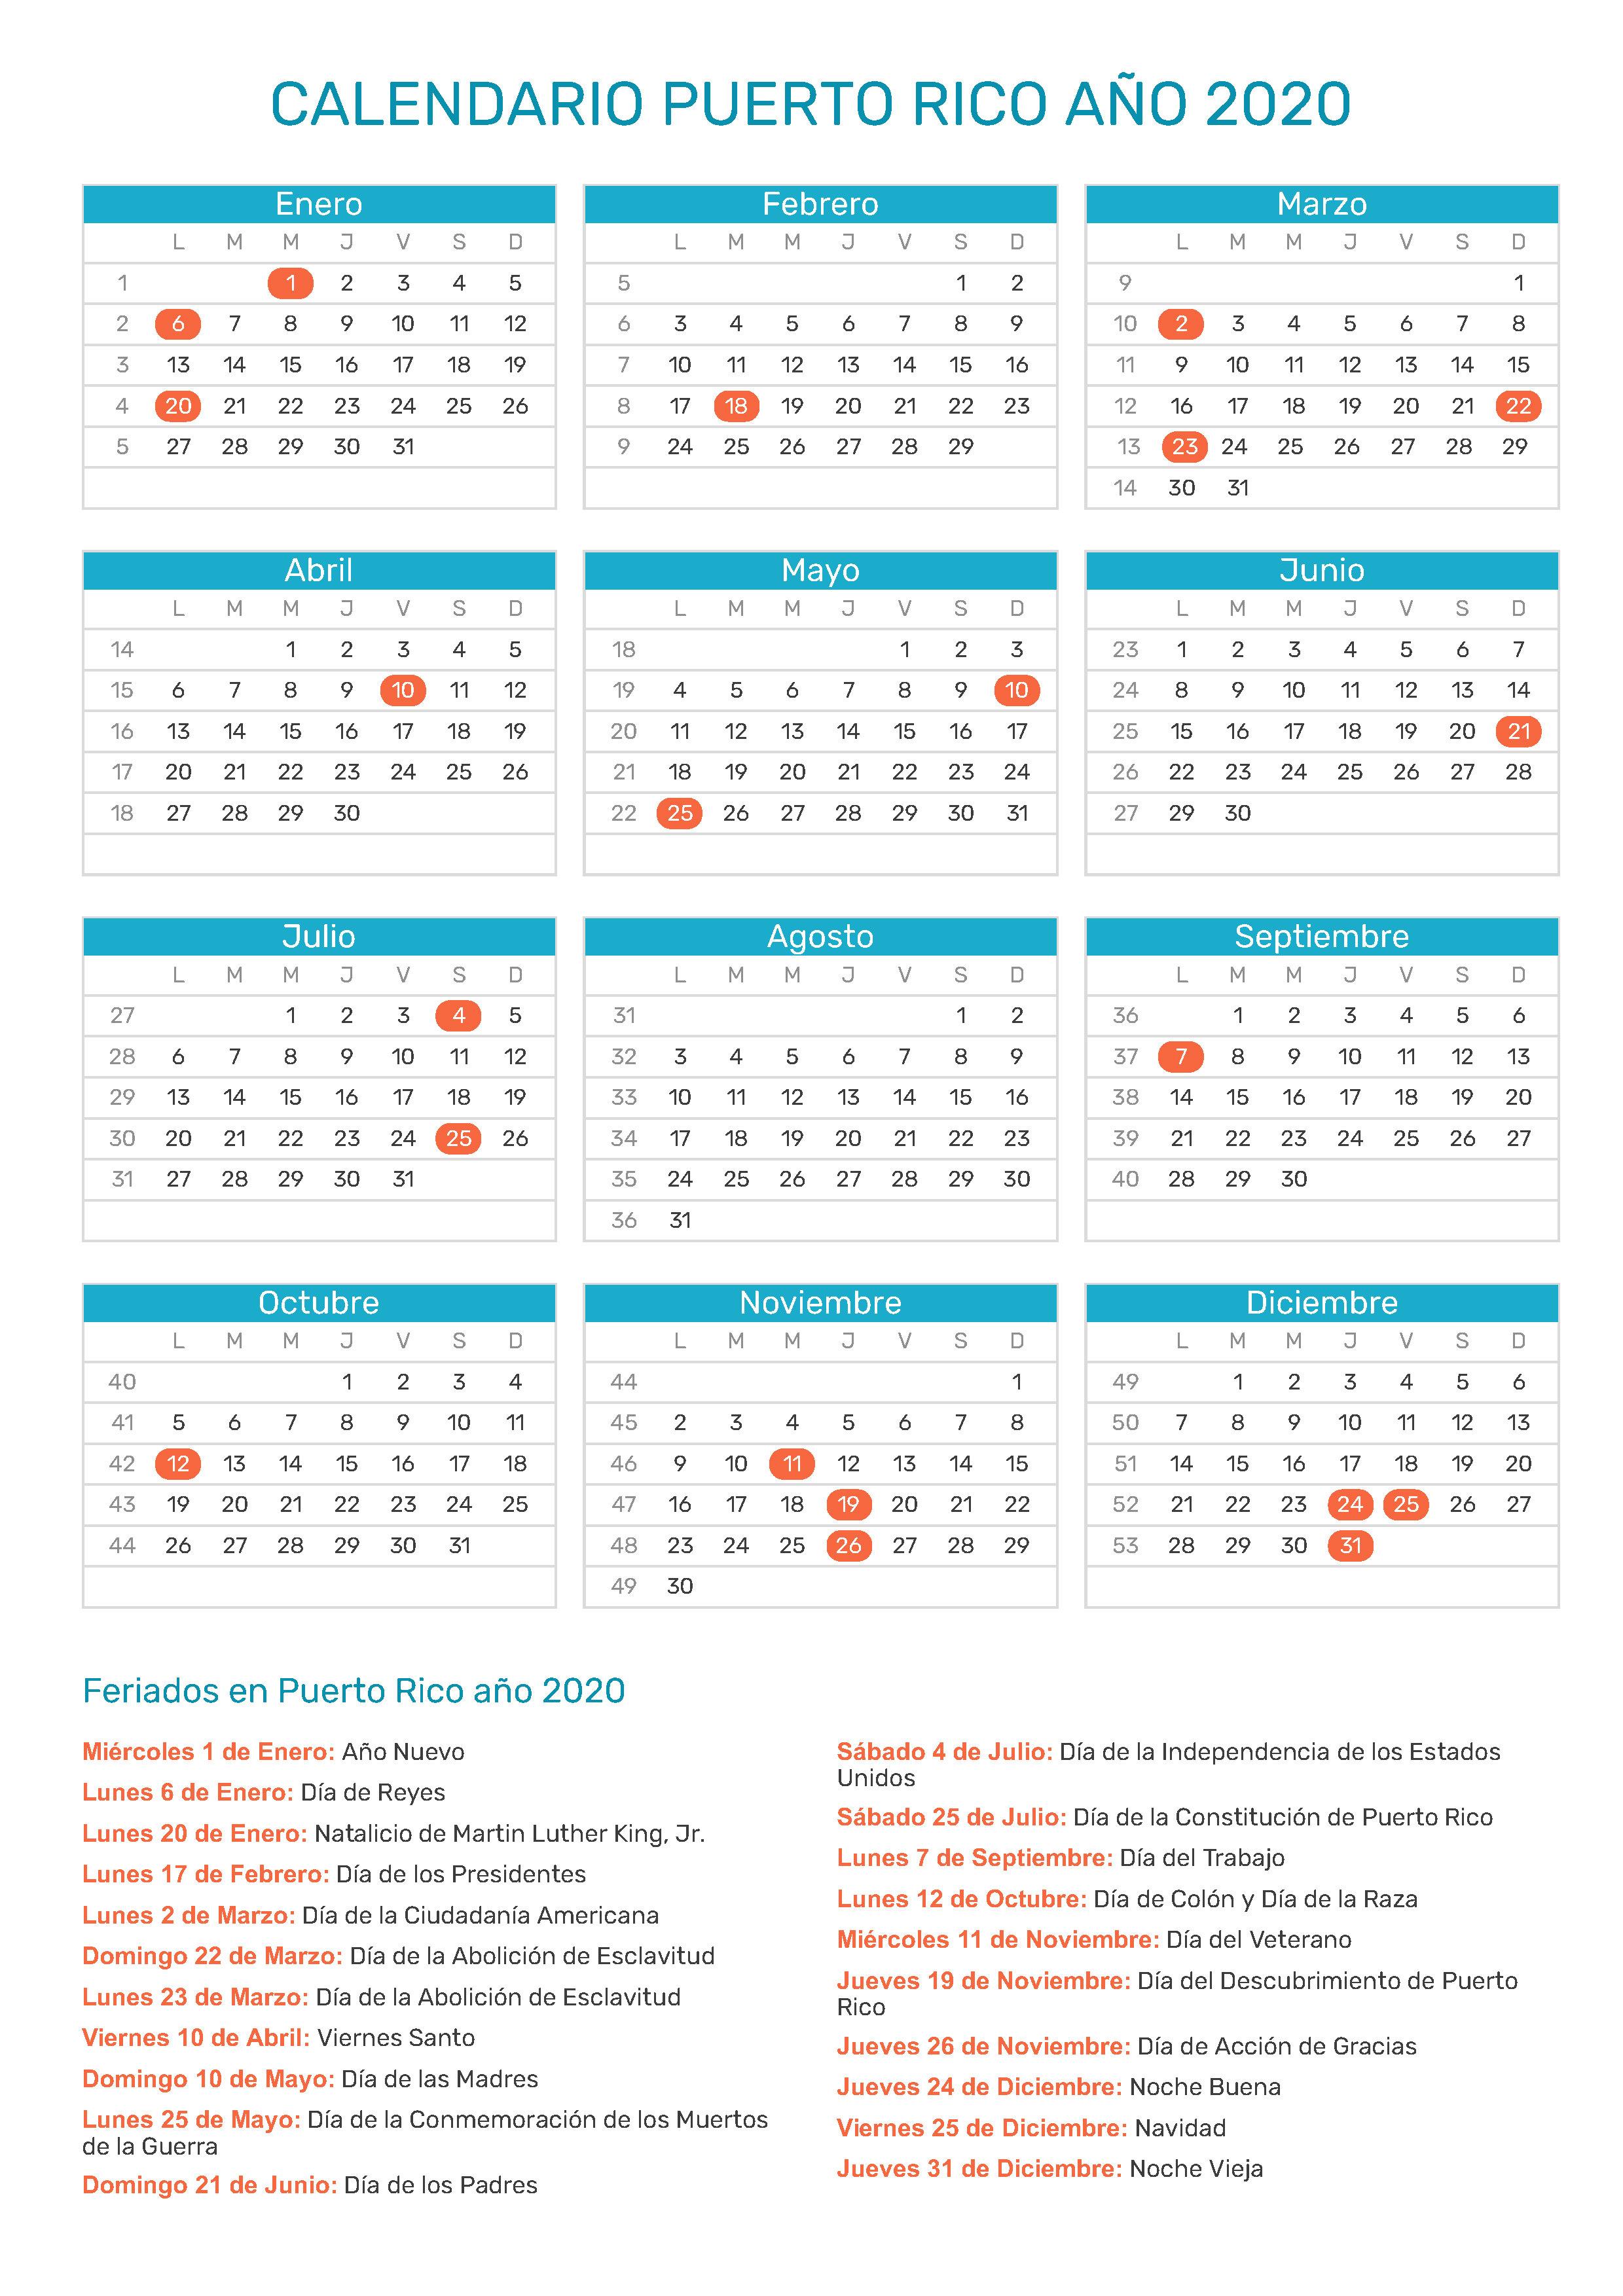 Calendario De Puerto Rico Ano 2020 Feriados